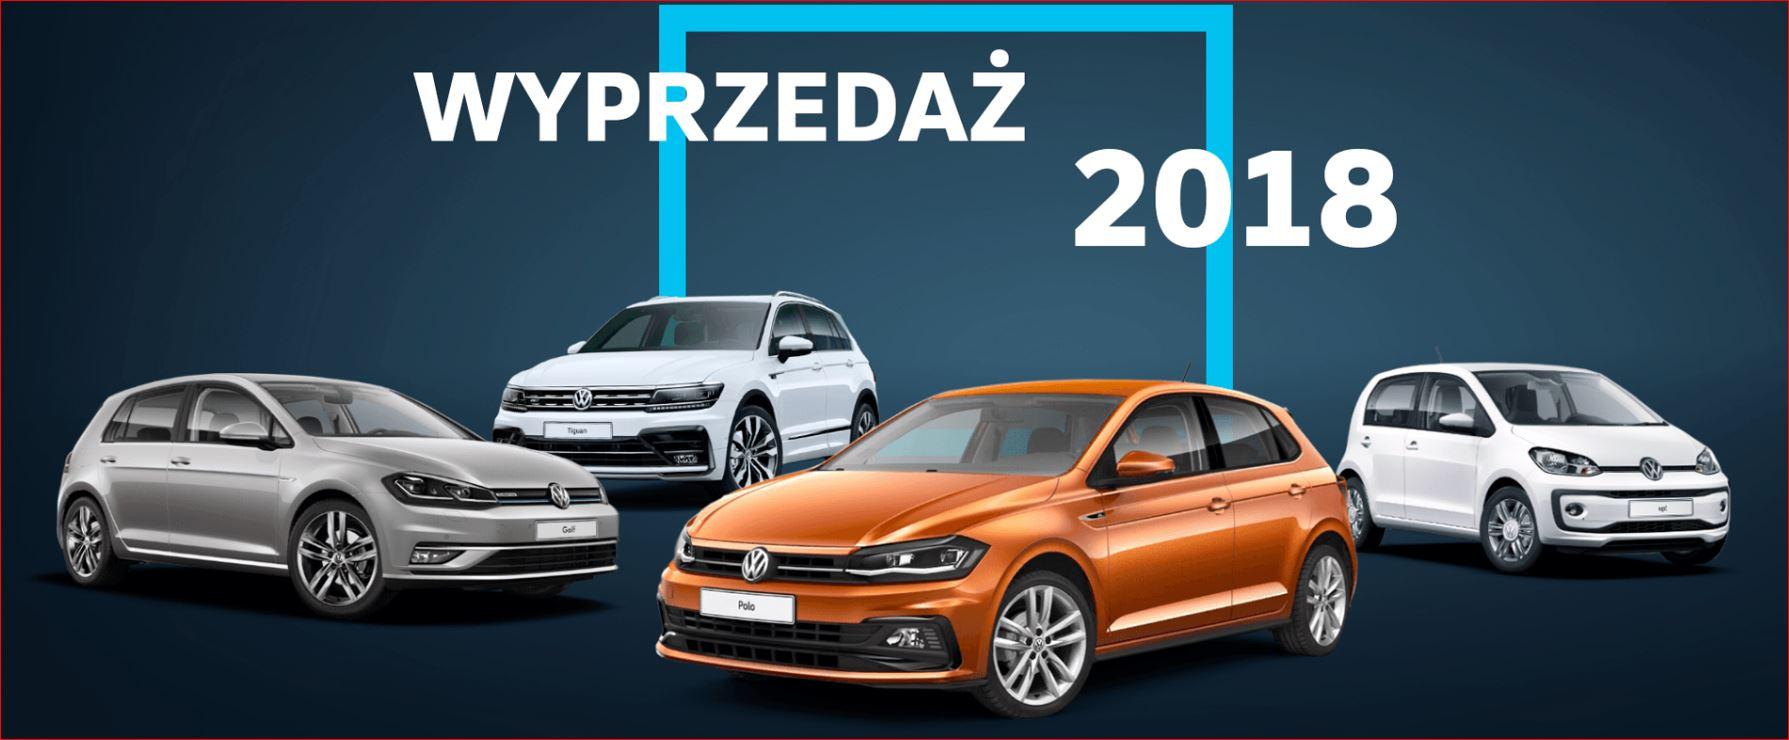 Volkswagen ogłasza wyprzedaż modeli z rocznika 2018 9